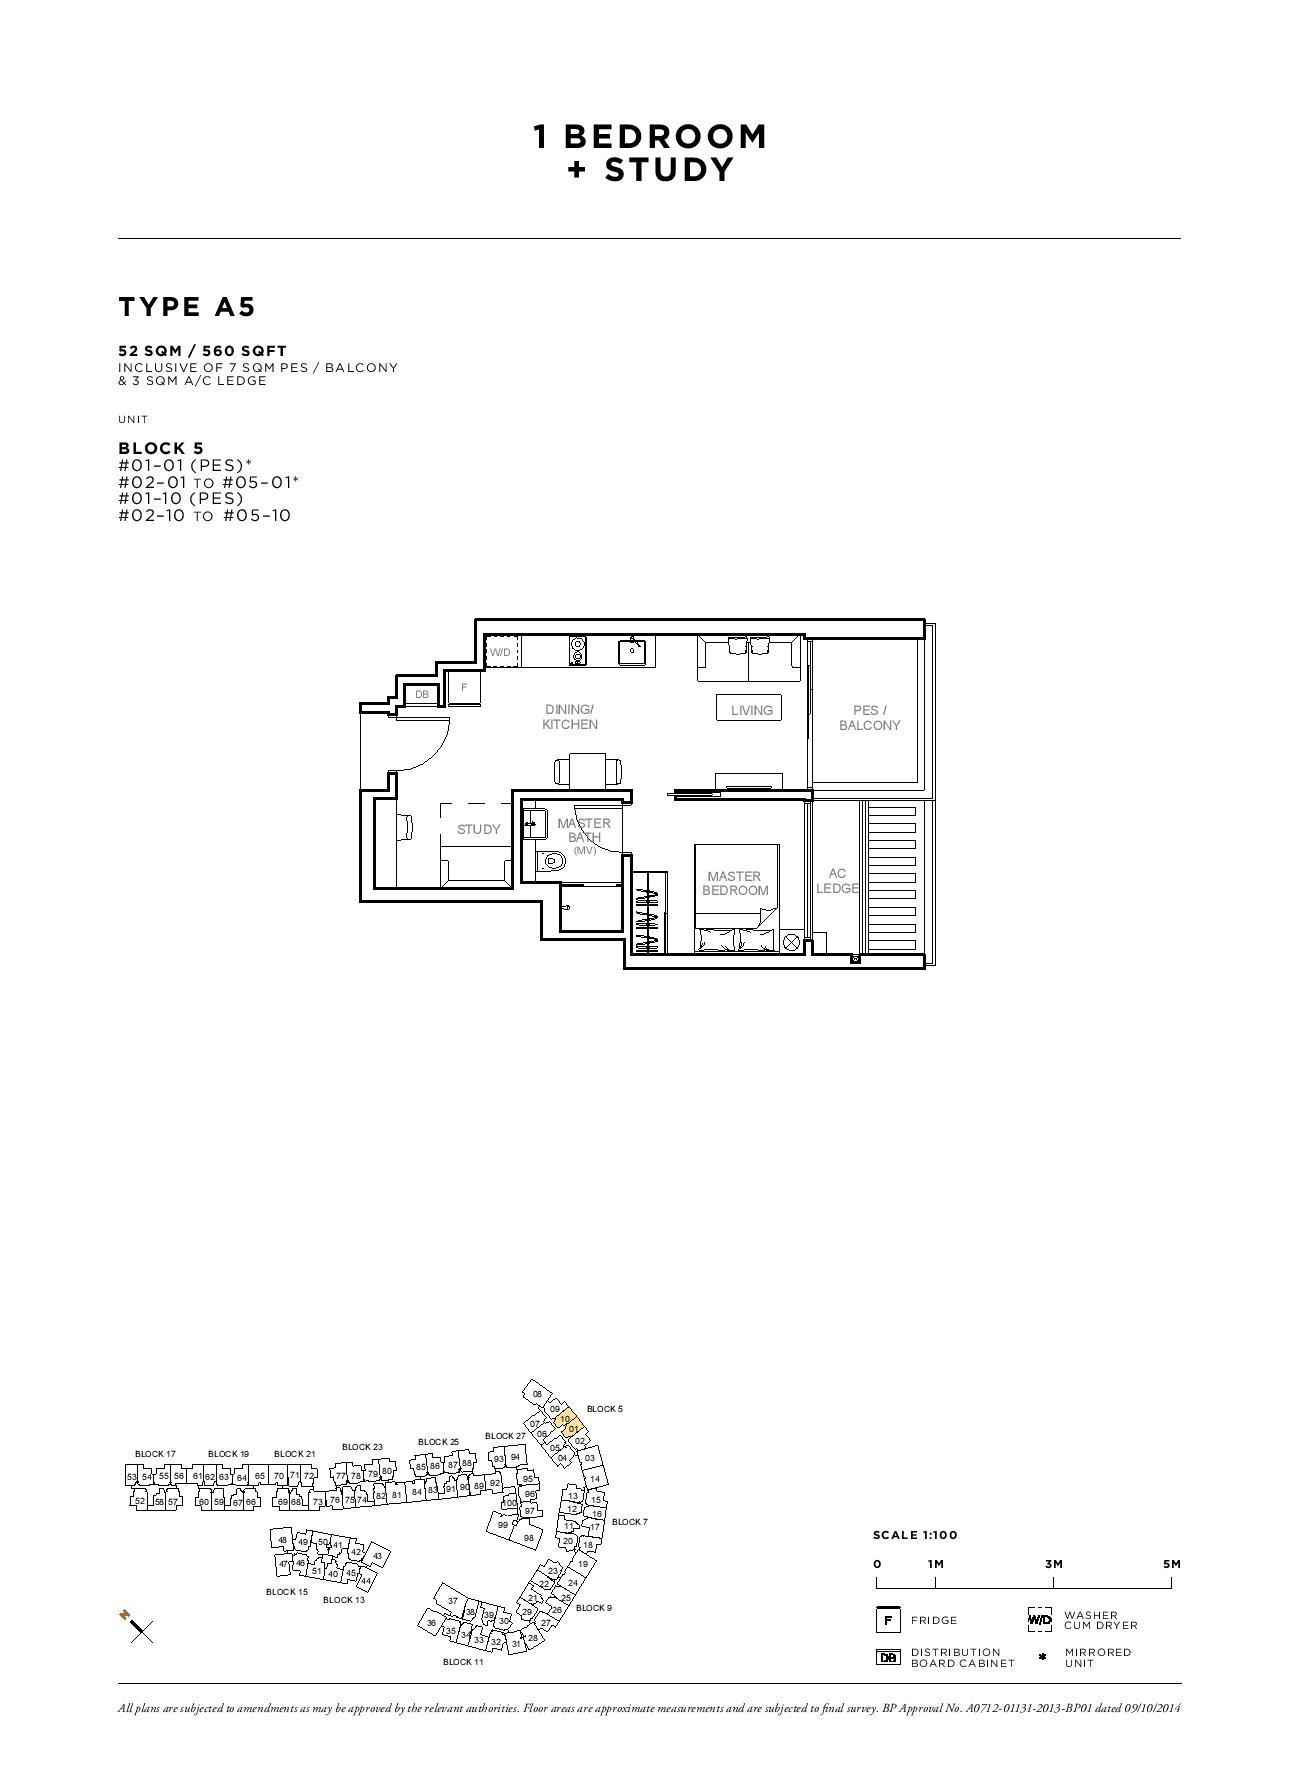 Sophia Hills 1 Bedroom + Study Type A5 Floor Plans